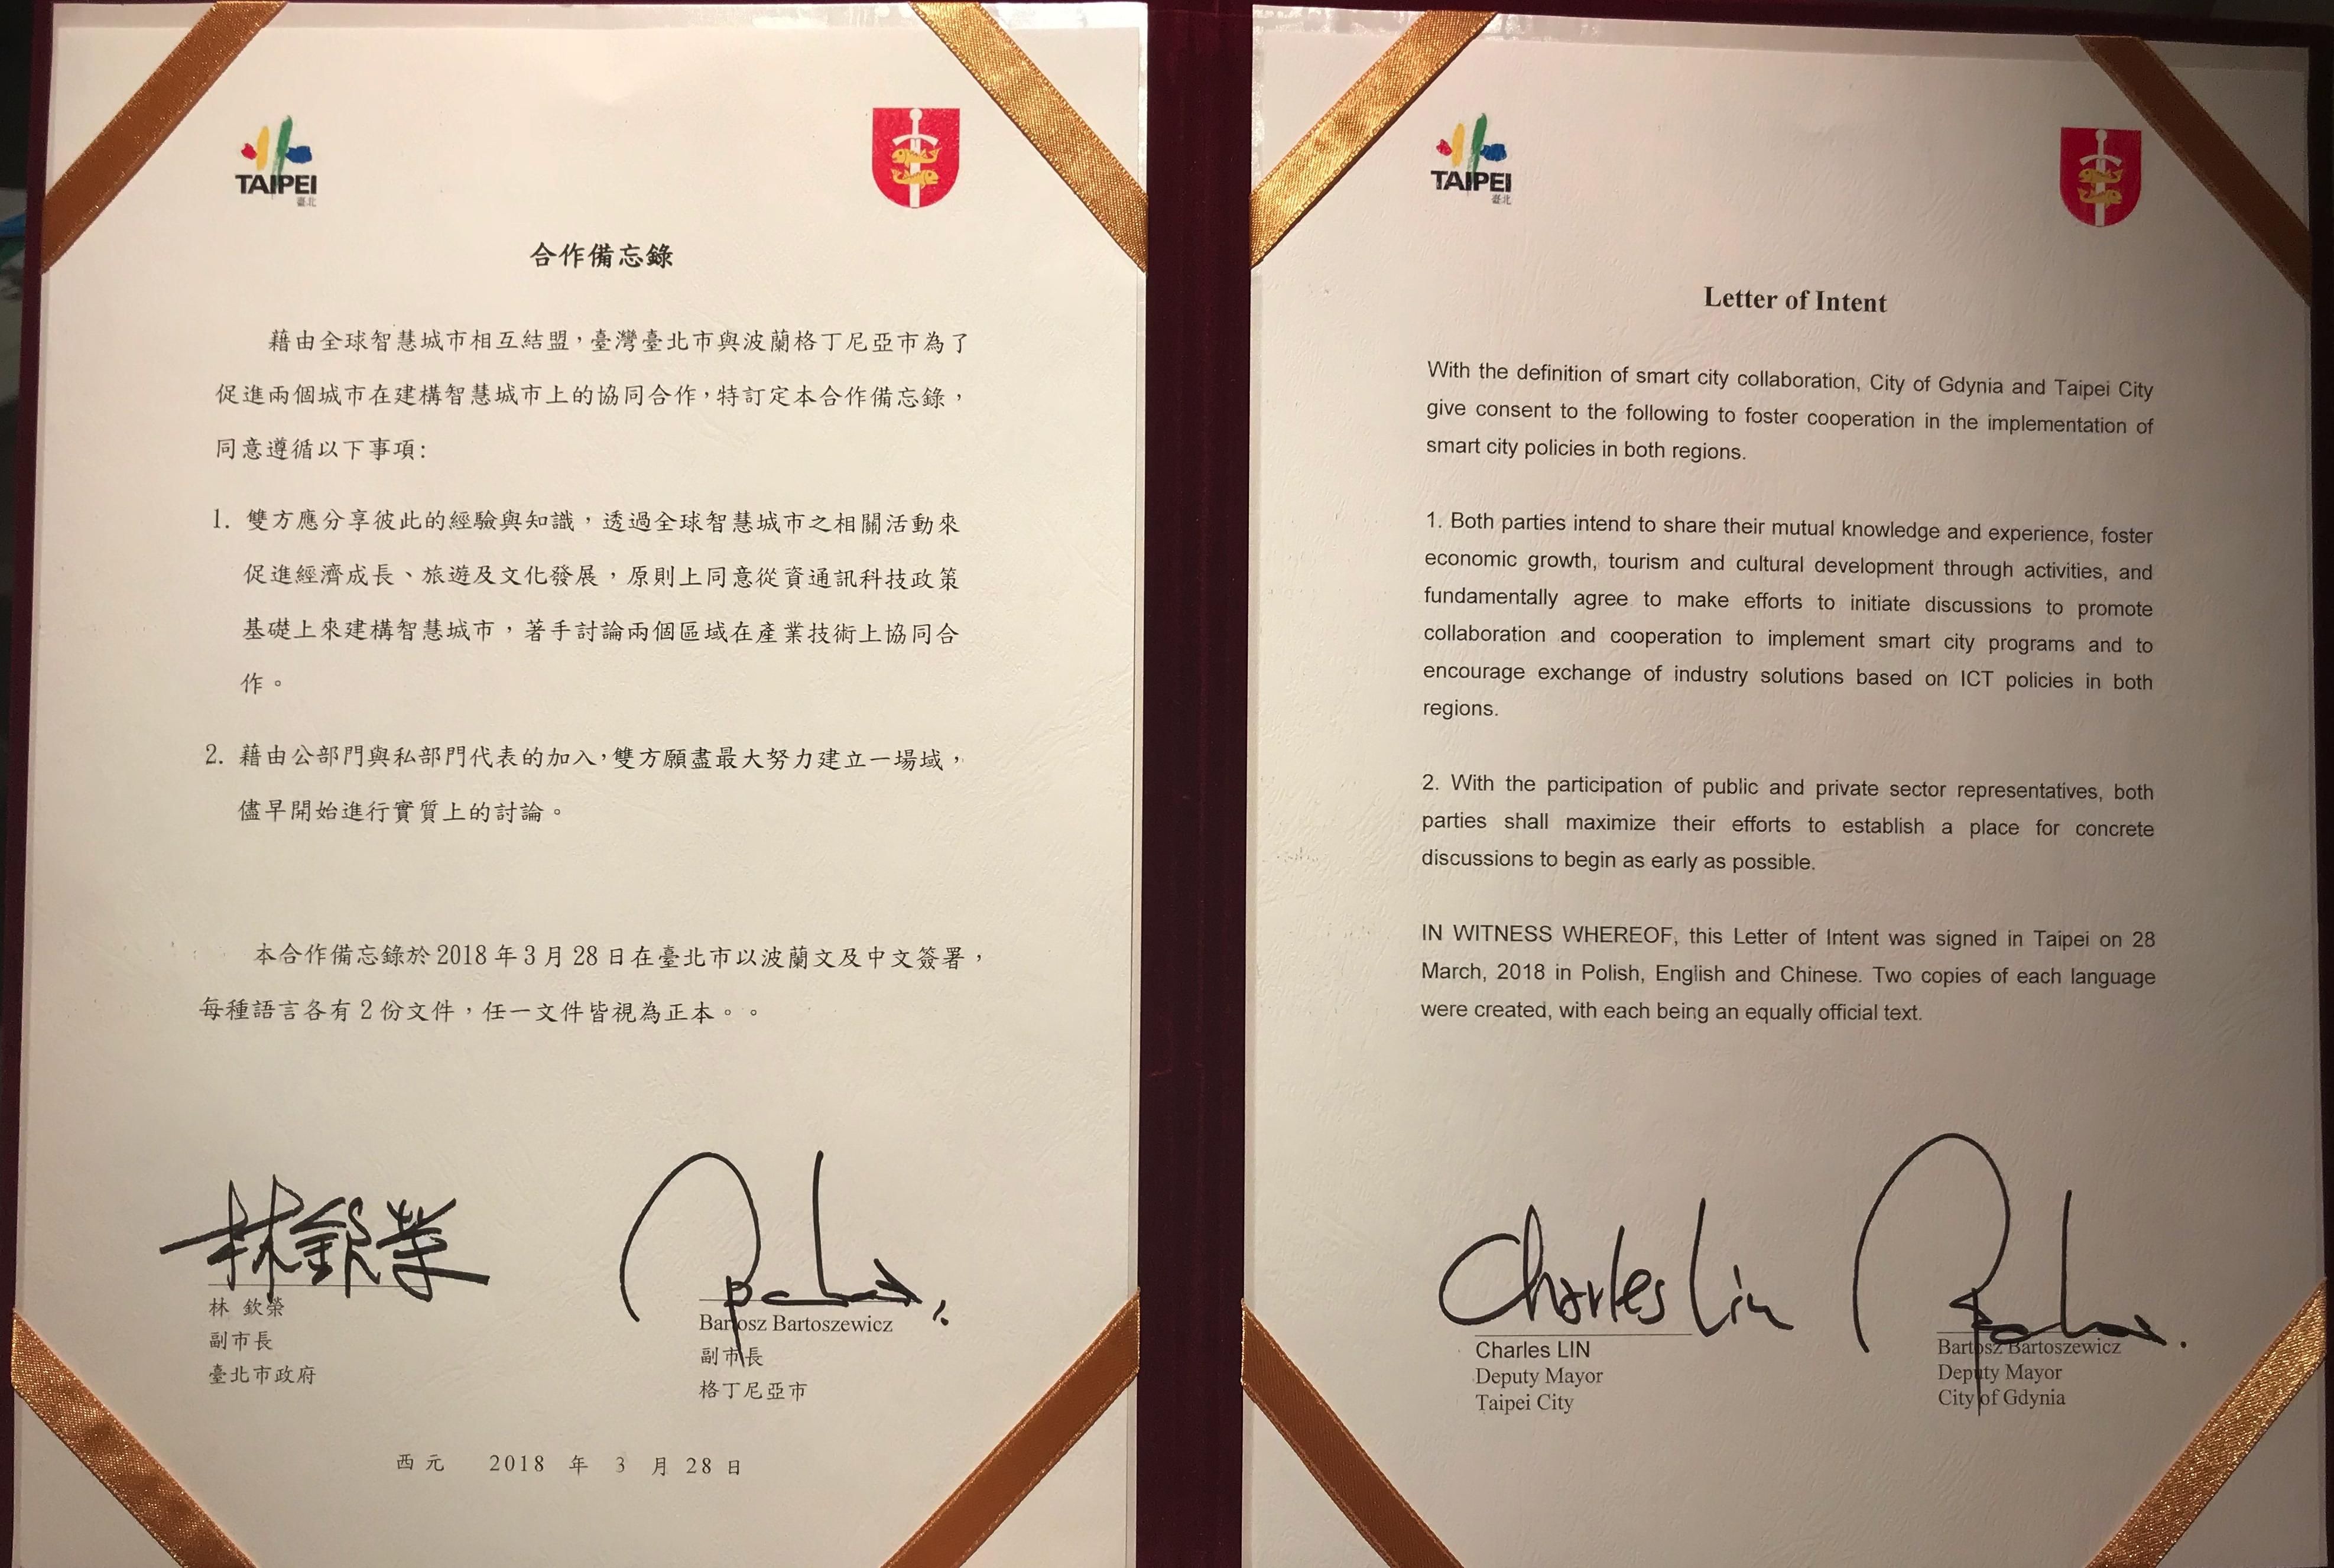 List Intencyjny pomiędzy Gdynią a Tajpej dotyczący współpracy w zakresie wdrażania polityki inteligentnych miast, w wersjach językowych: chińskiej oraz angielskiej